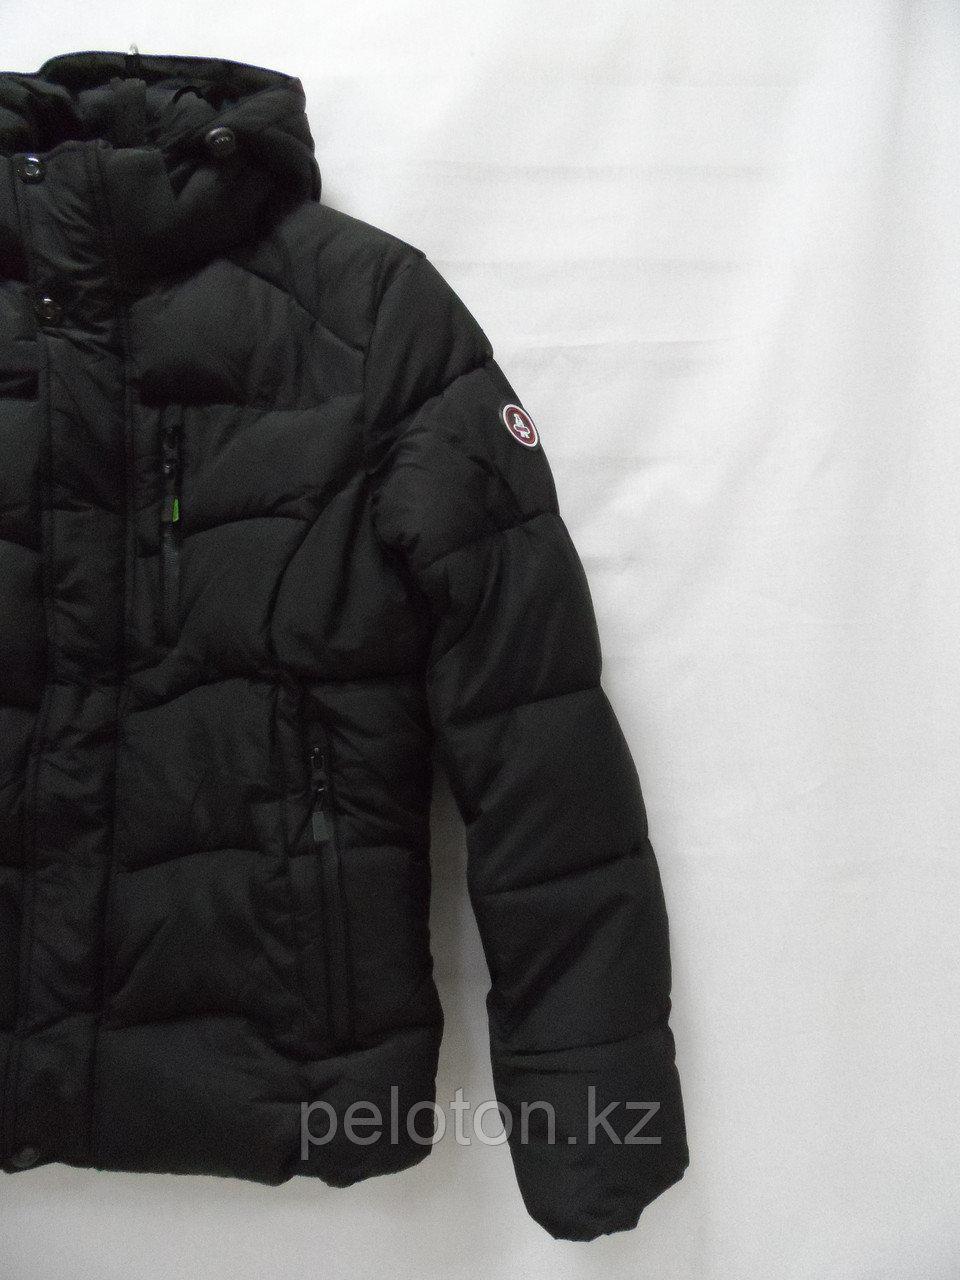 Пуховик. Куртка зимняя Polar Bear - фото 2